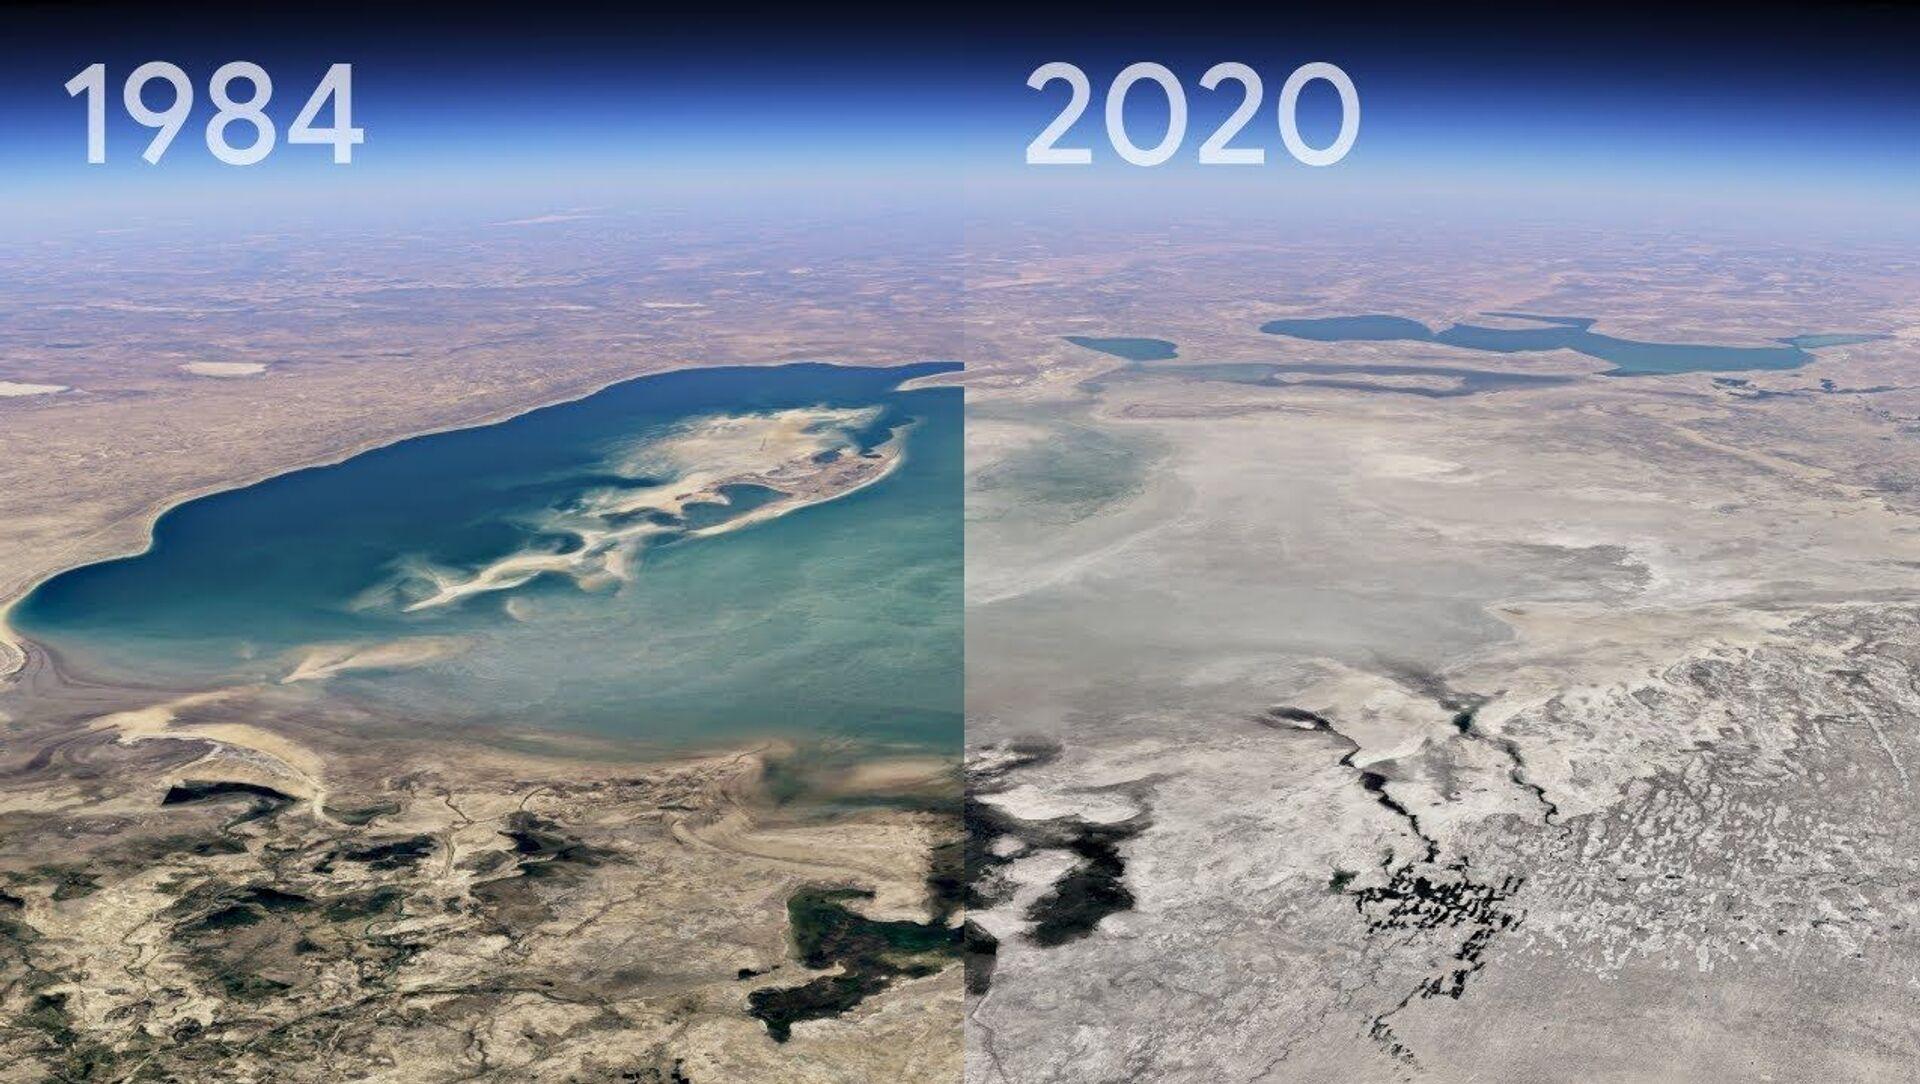 Google Earth'ten yeni 'Timelapse' özelliği: Bir yerin 37 yıllık değişimi görülebilecek - Sputnik Türkiye, 1920, 16.04.2021